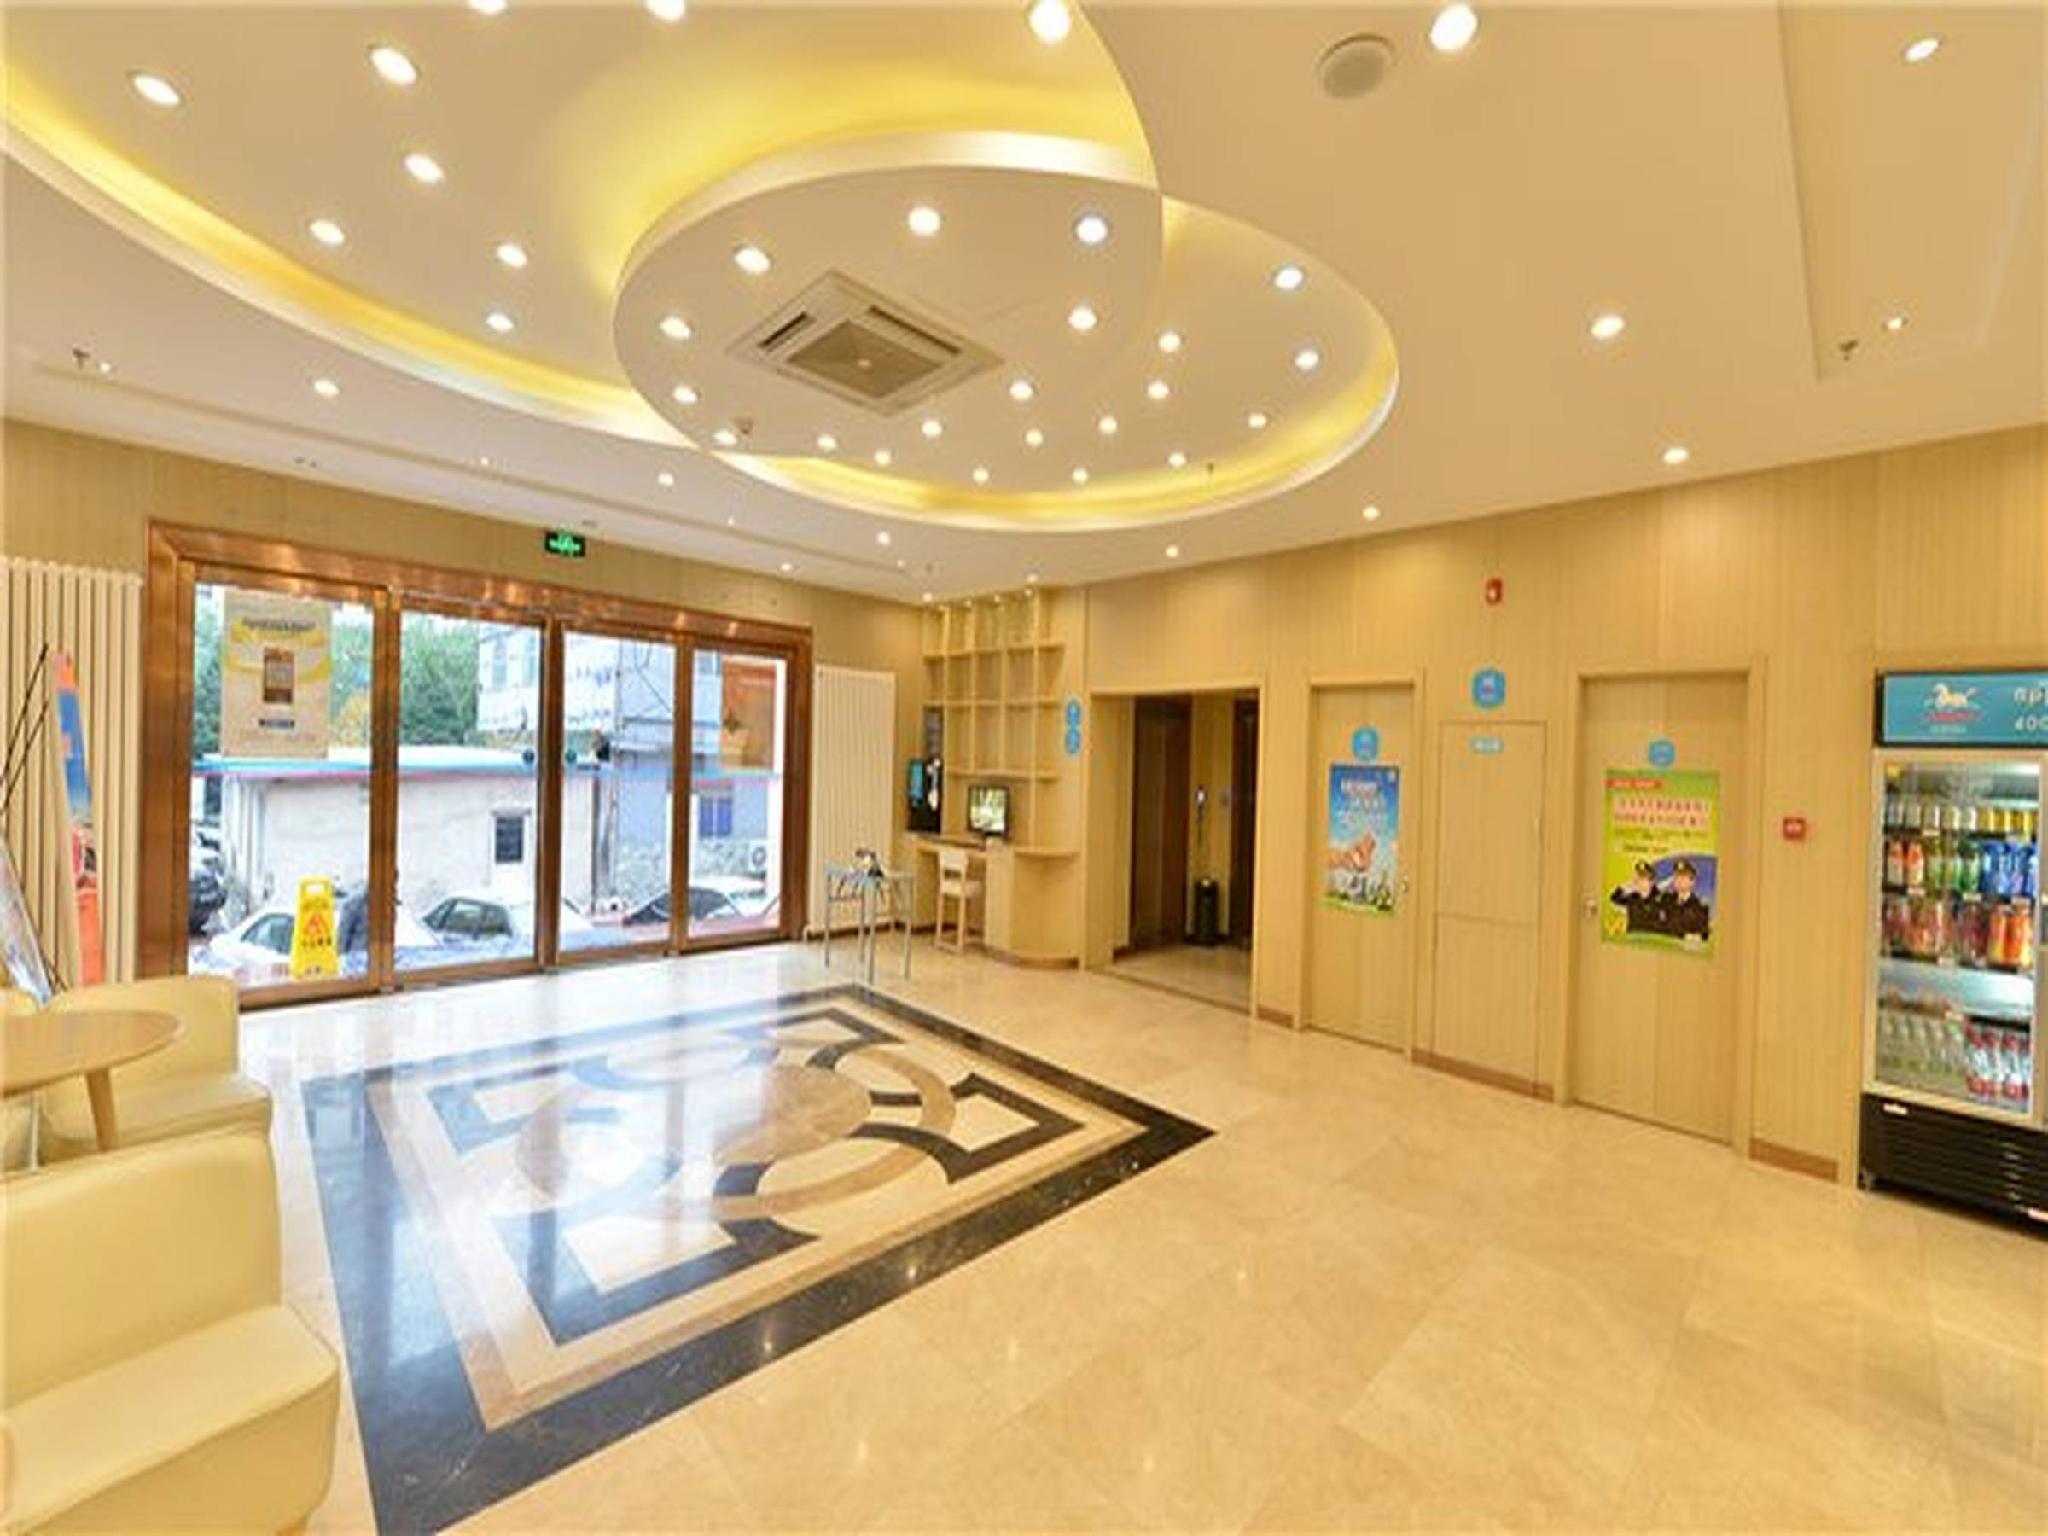 Hanting Hotel Beijing Capital Normal University Branch In